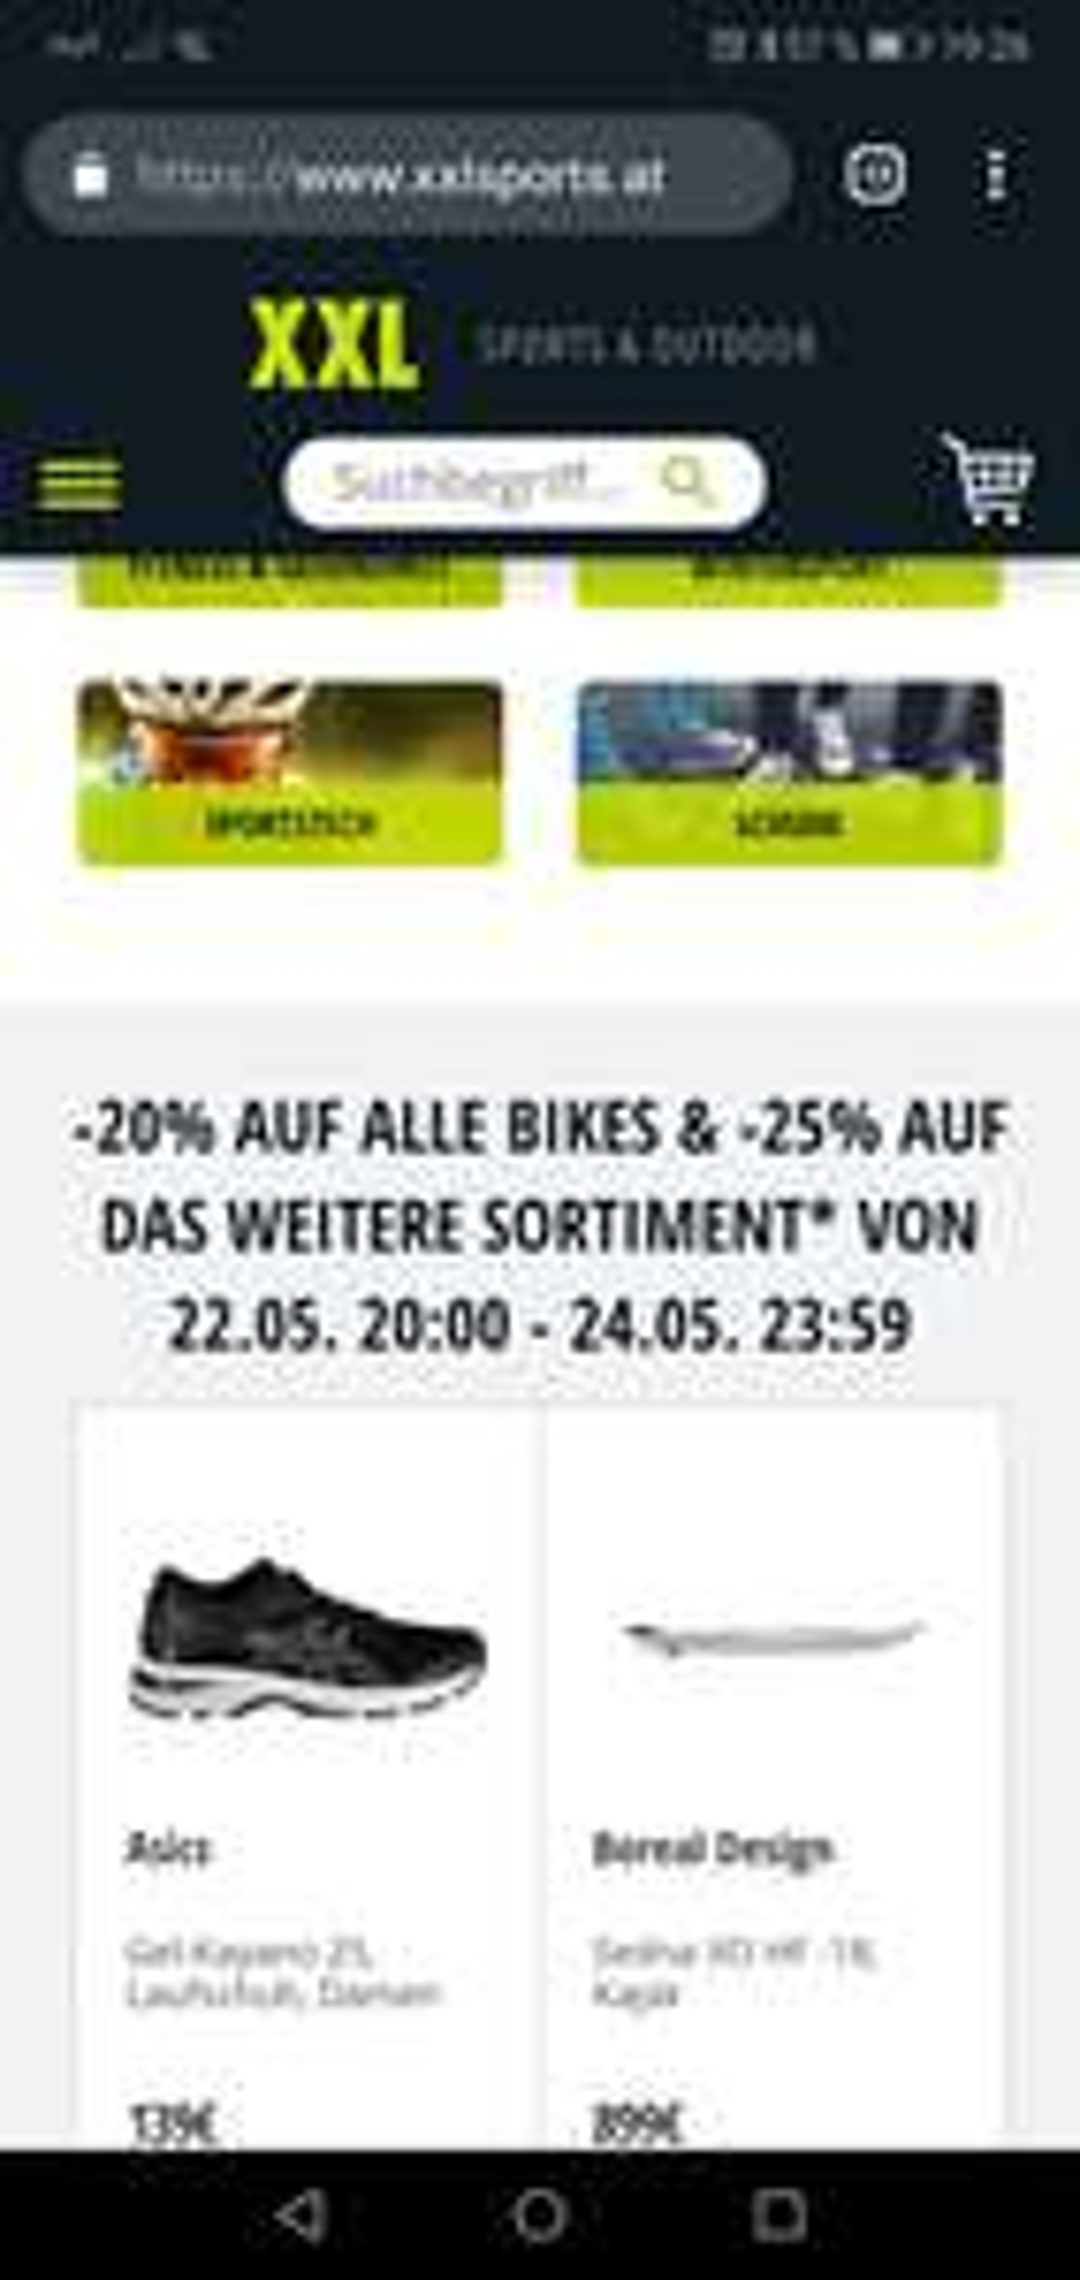 Xxl Sports Angebote Deals Juli 2019 Preisjäger